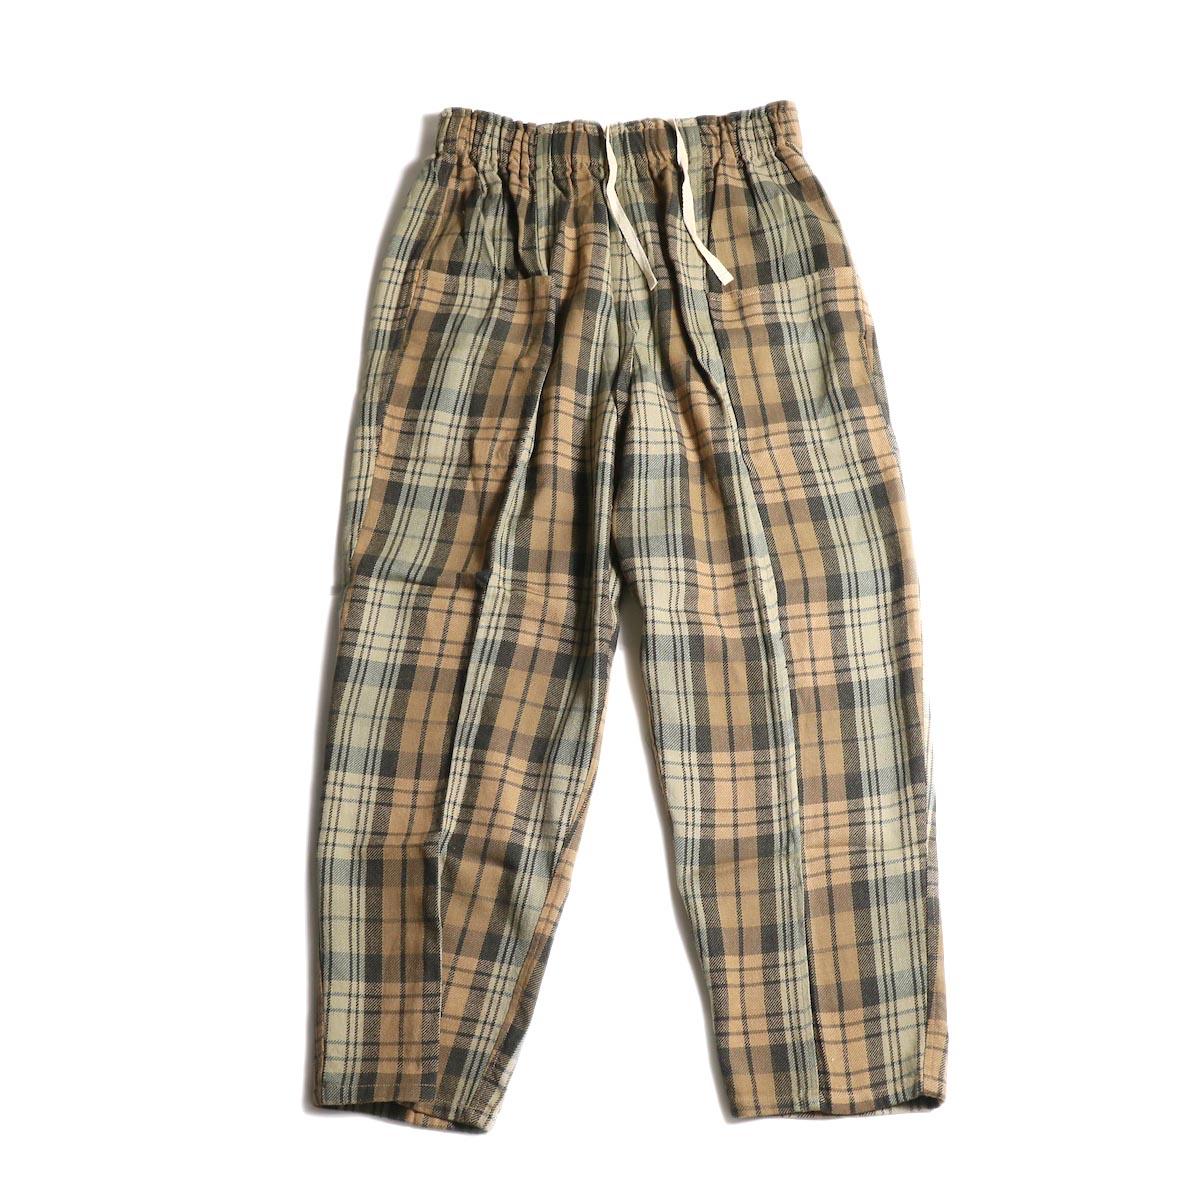 SOUTH2 WEST8 / Army String Pant -Plaid Twill (Khaki/Black)